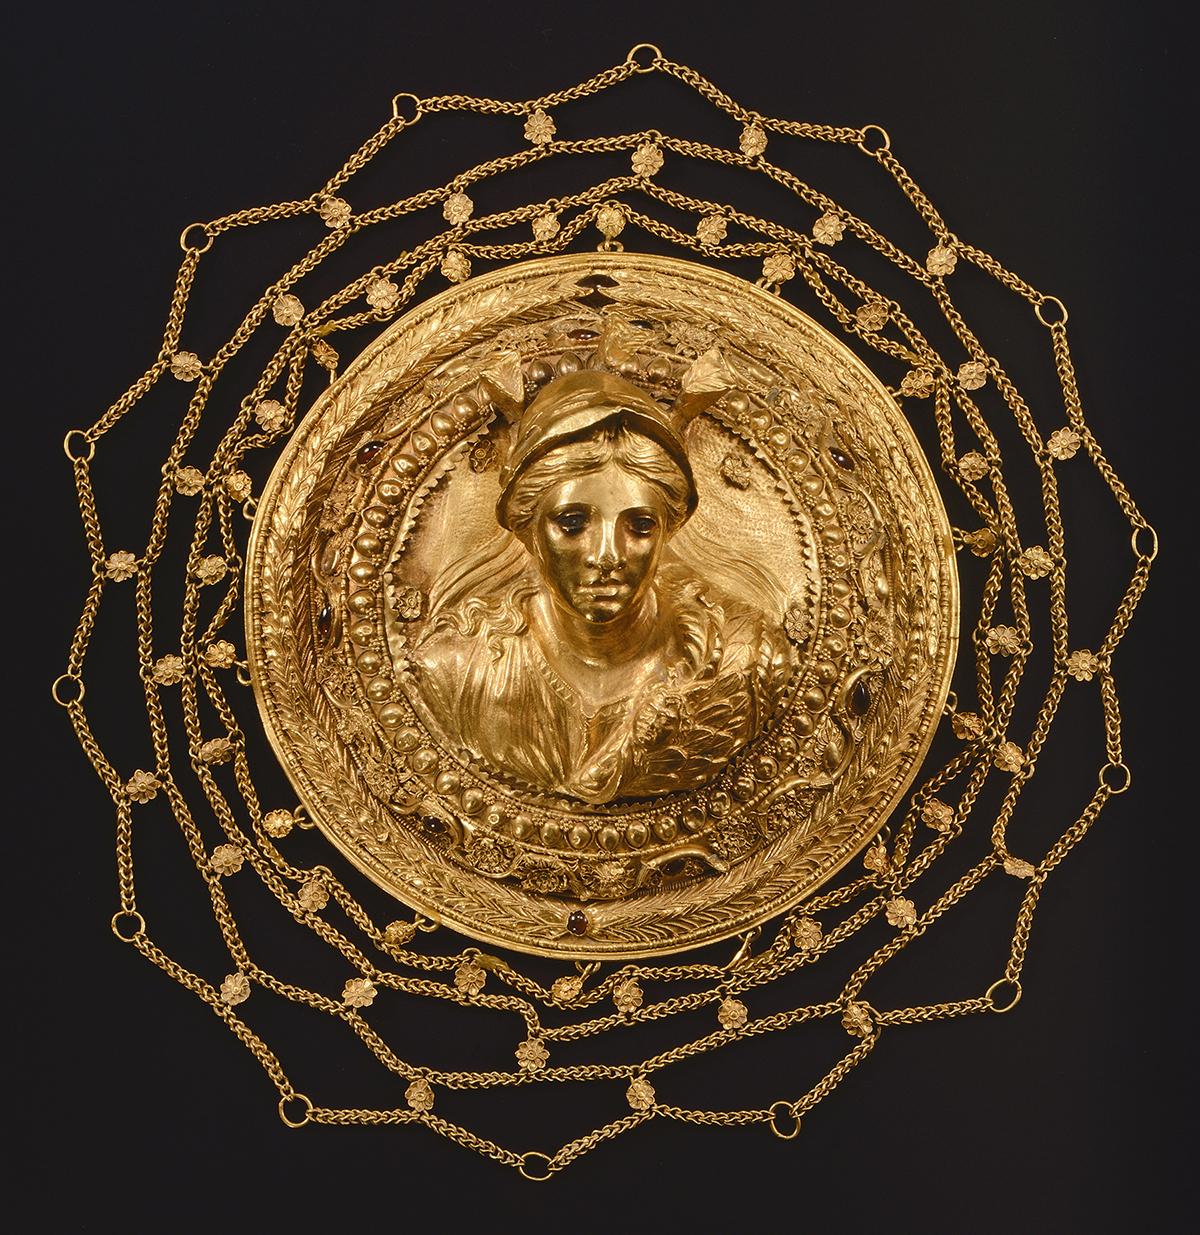 Ornamento de pelo de Atenea. Ornamento de pelo con la imagen de Atenea